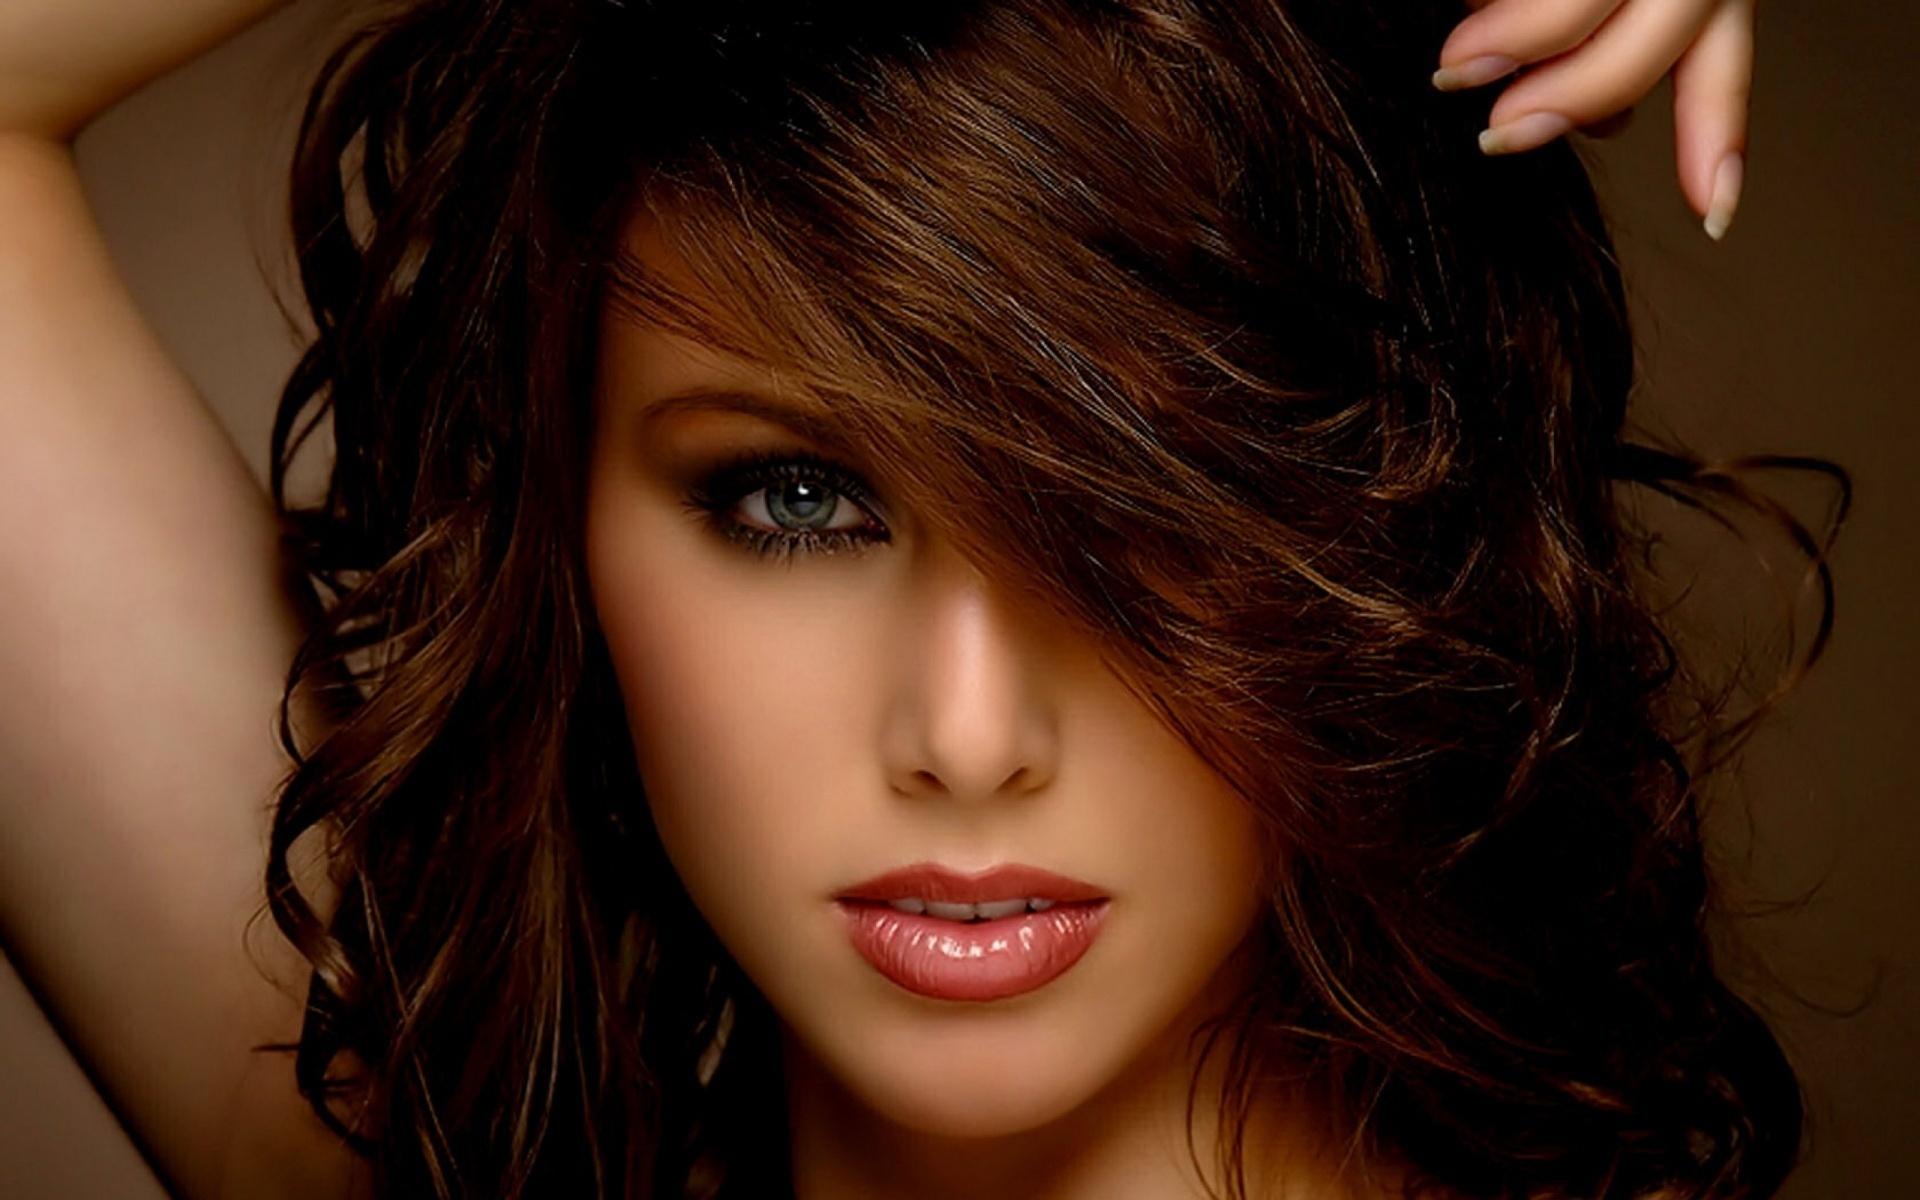 Фото брюнетки с красивыми волосами 26 фотография